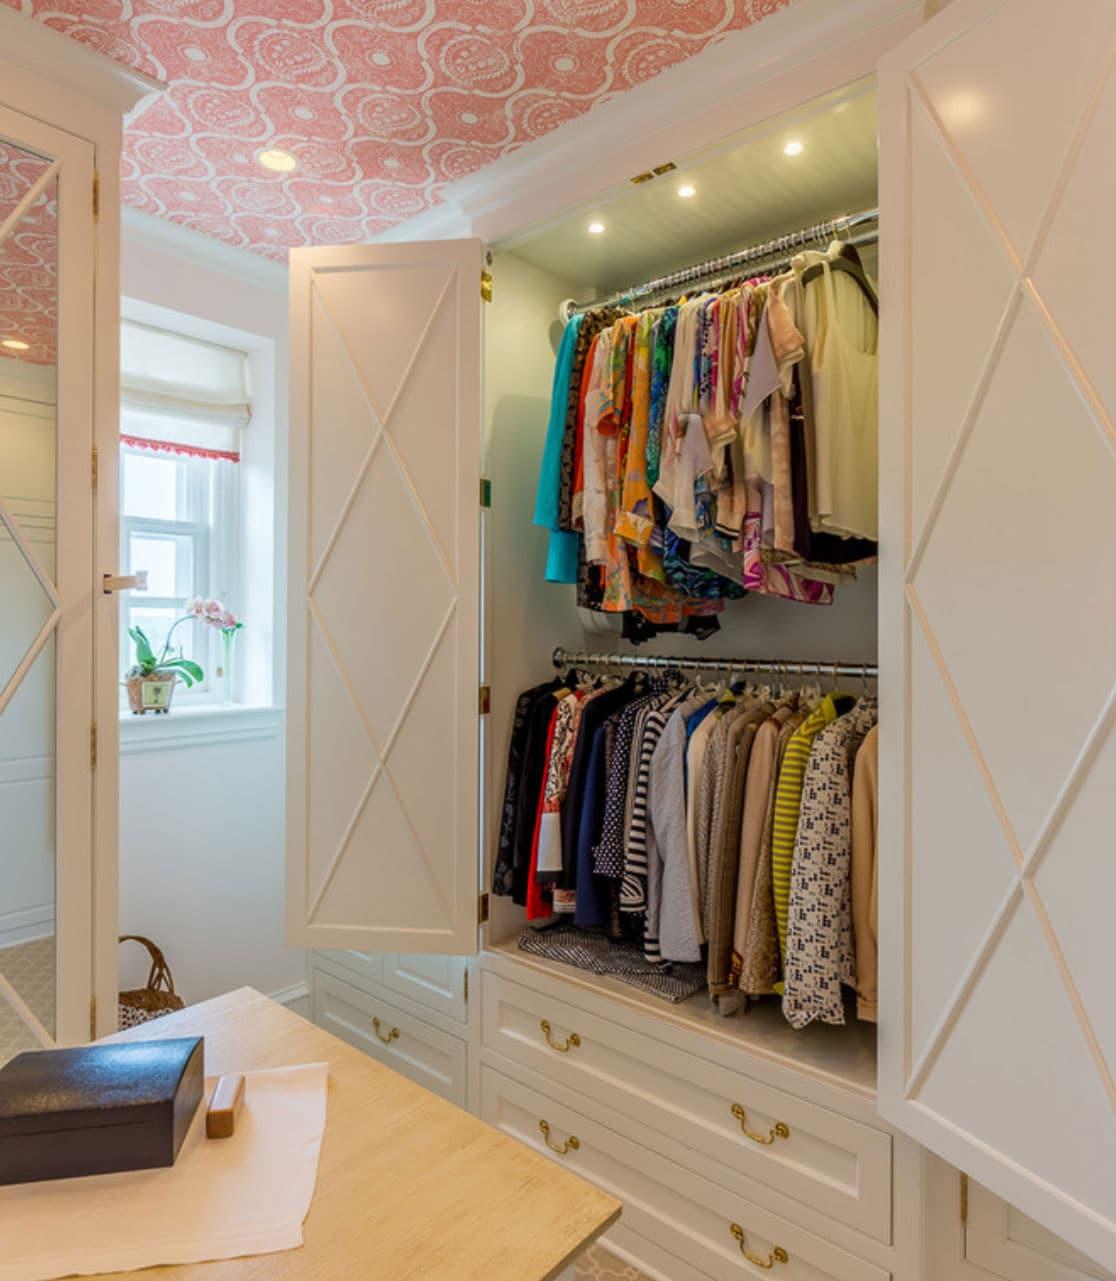 g10 1 - Гардеробные комнаты - обязательный элемент современной квартиры